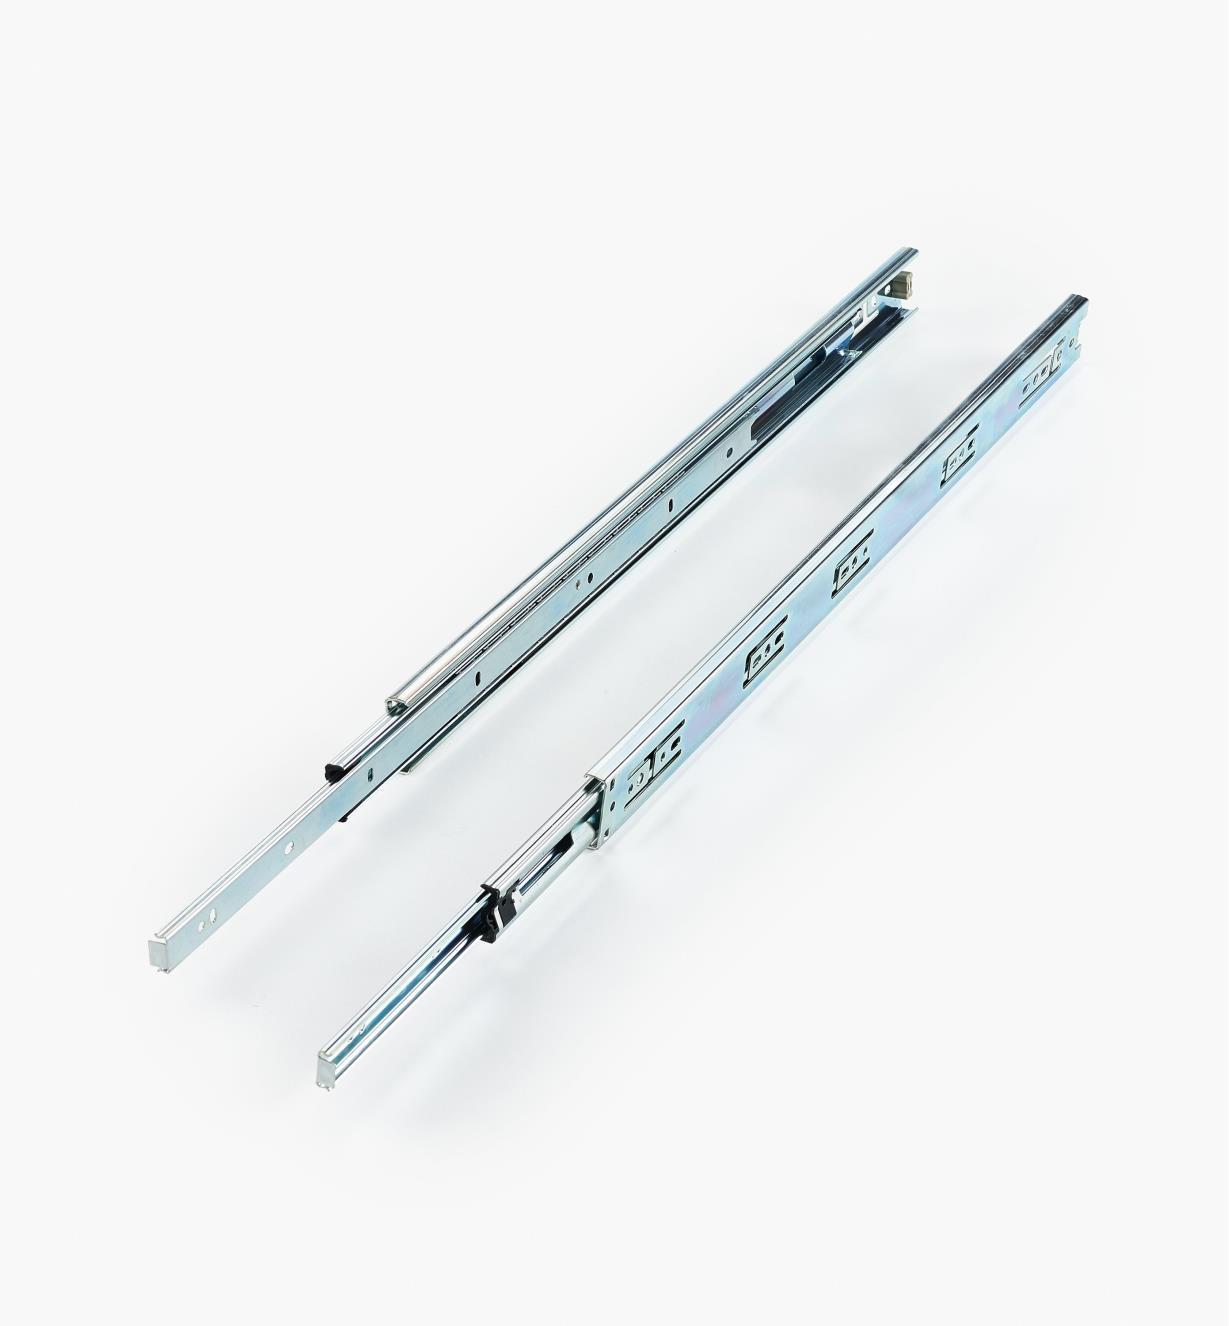 02K4222 - Coulisses de 22po à extension complète pour charge de 75lb, la paire